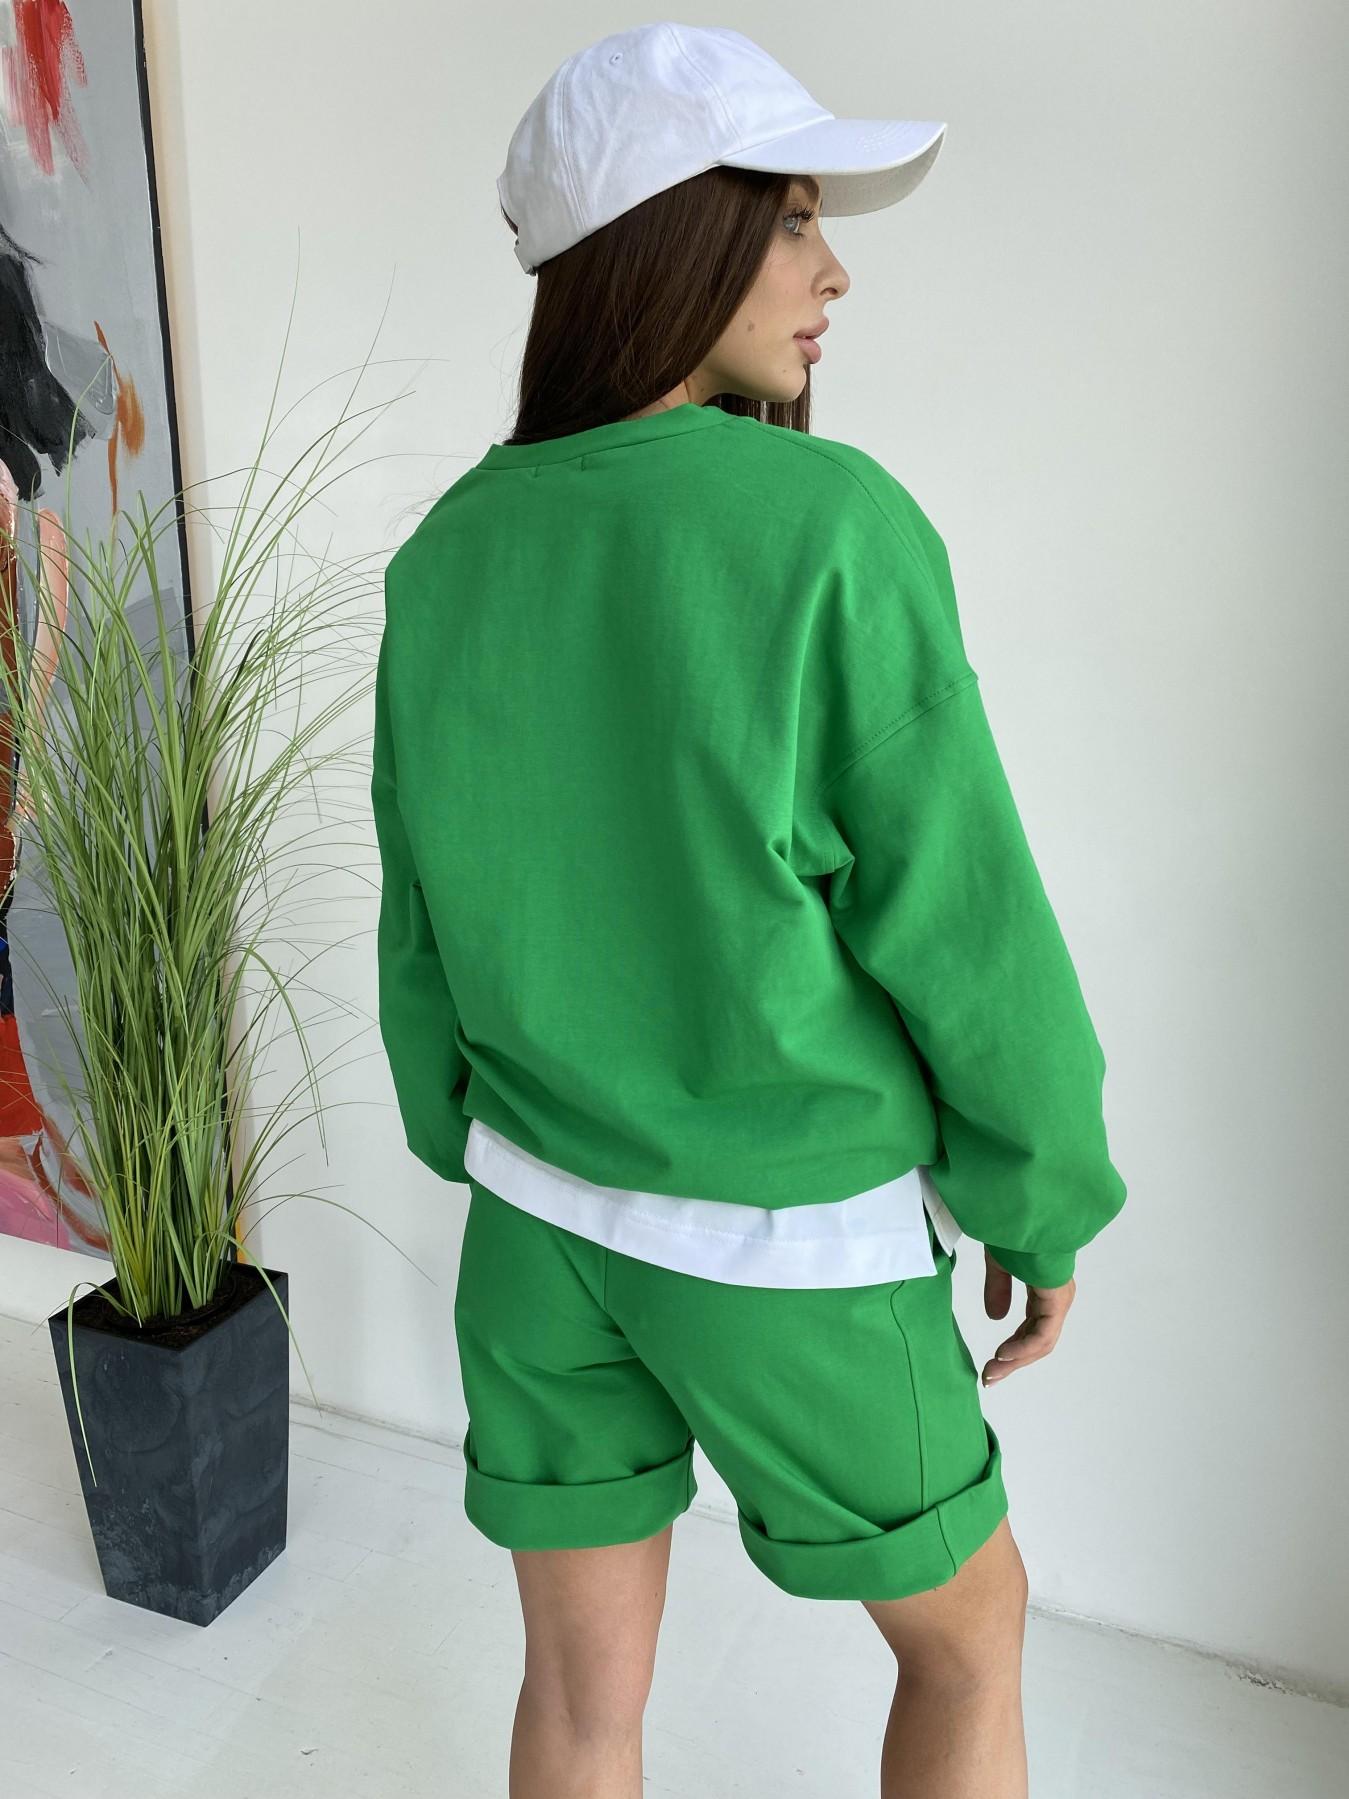 Фарт 4 костюм трикотажный 2х нитка из вискозы 11363 АРТ. 48020 Цвет: ЗеленыйТравка/Белый - фото 11, интернет магазин tm-modus.ru